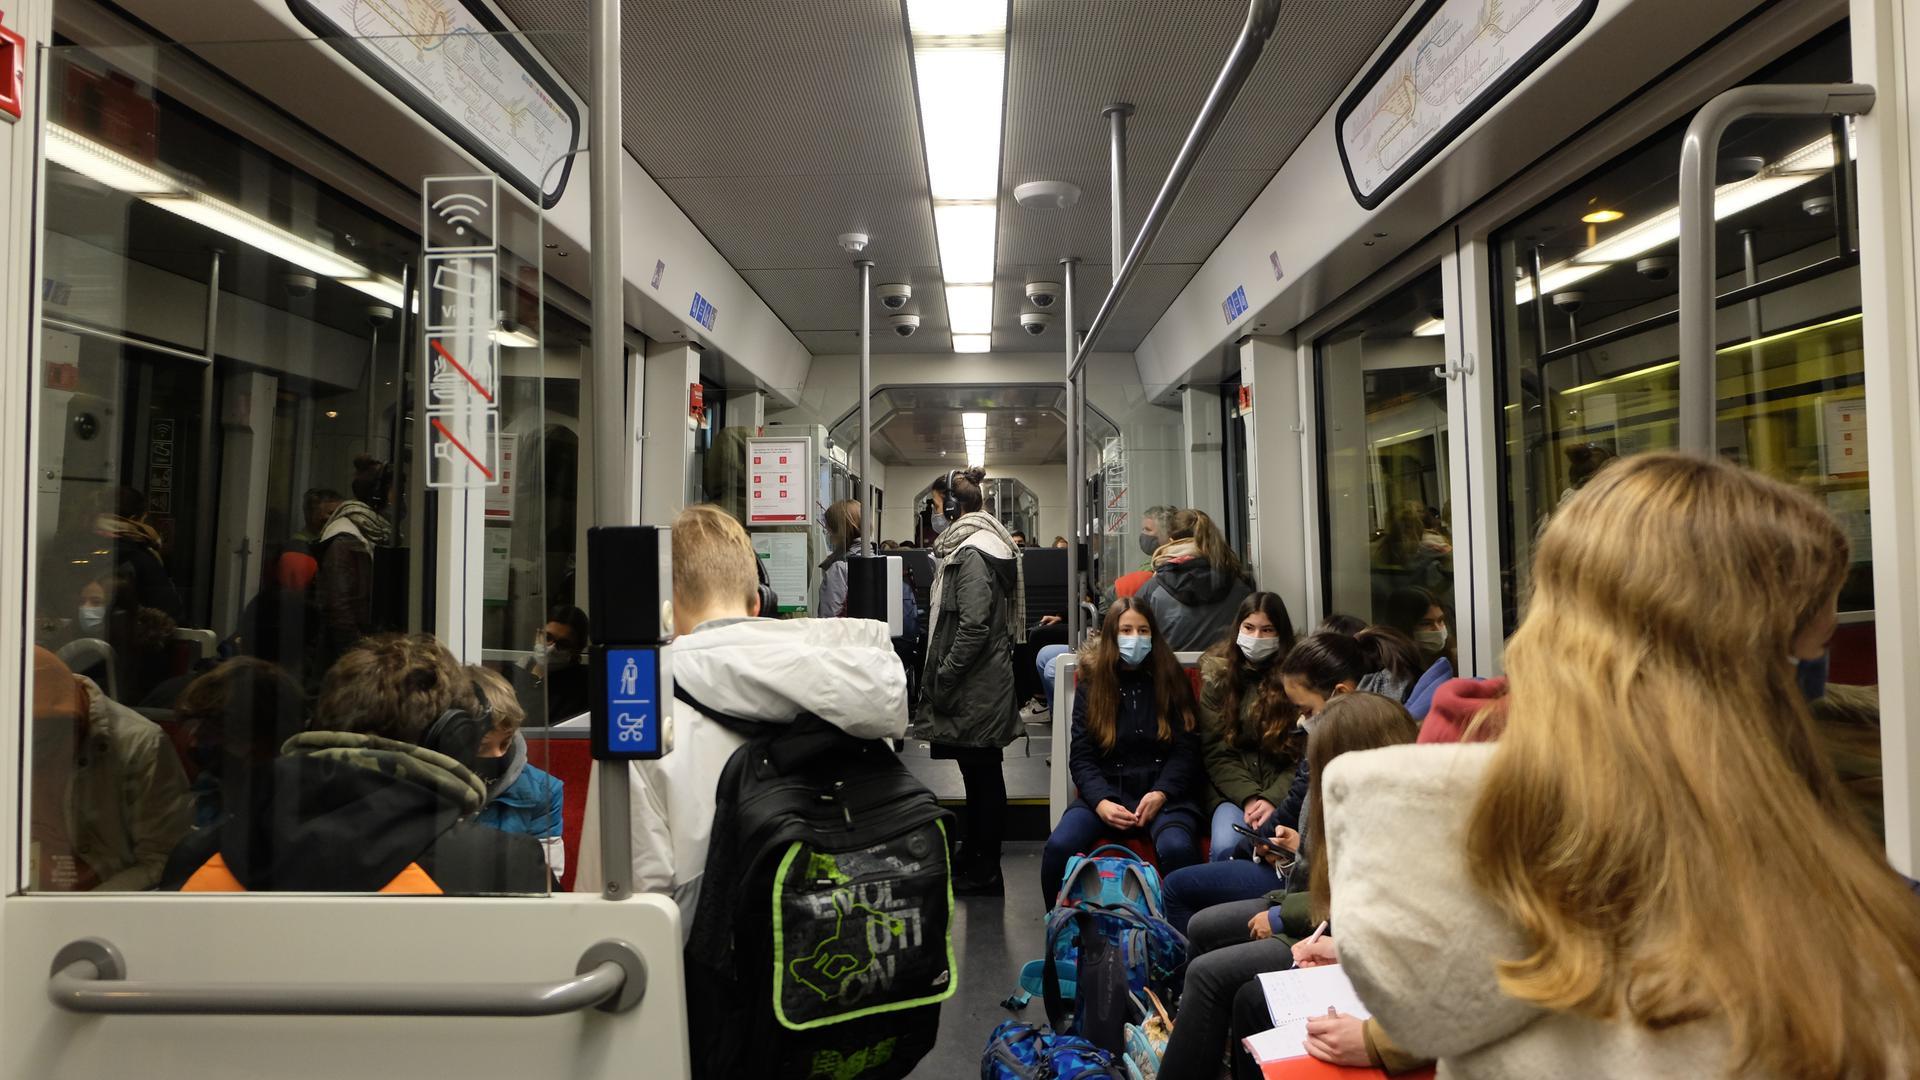 Junge Leute mit Masken in Zugabteil